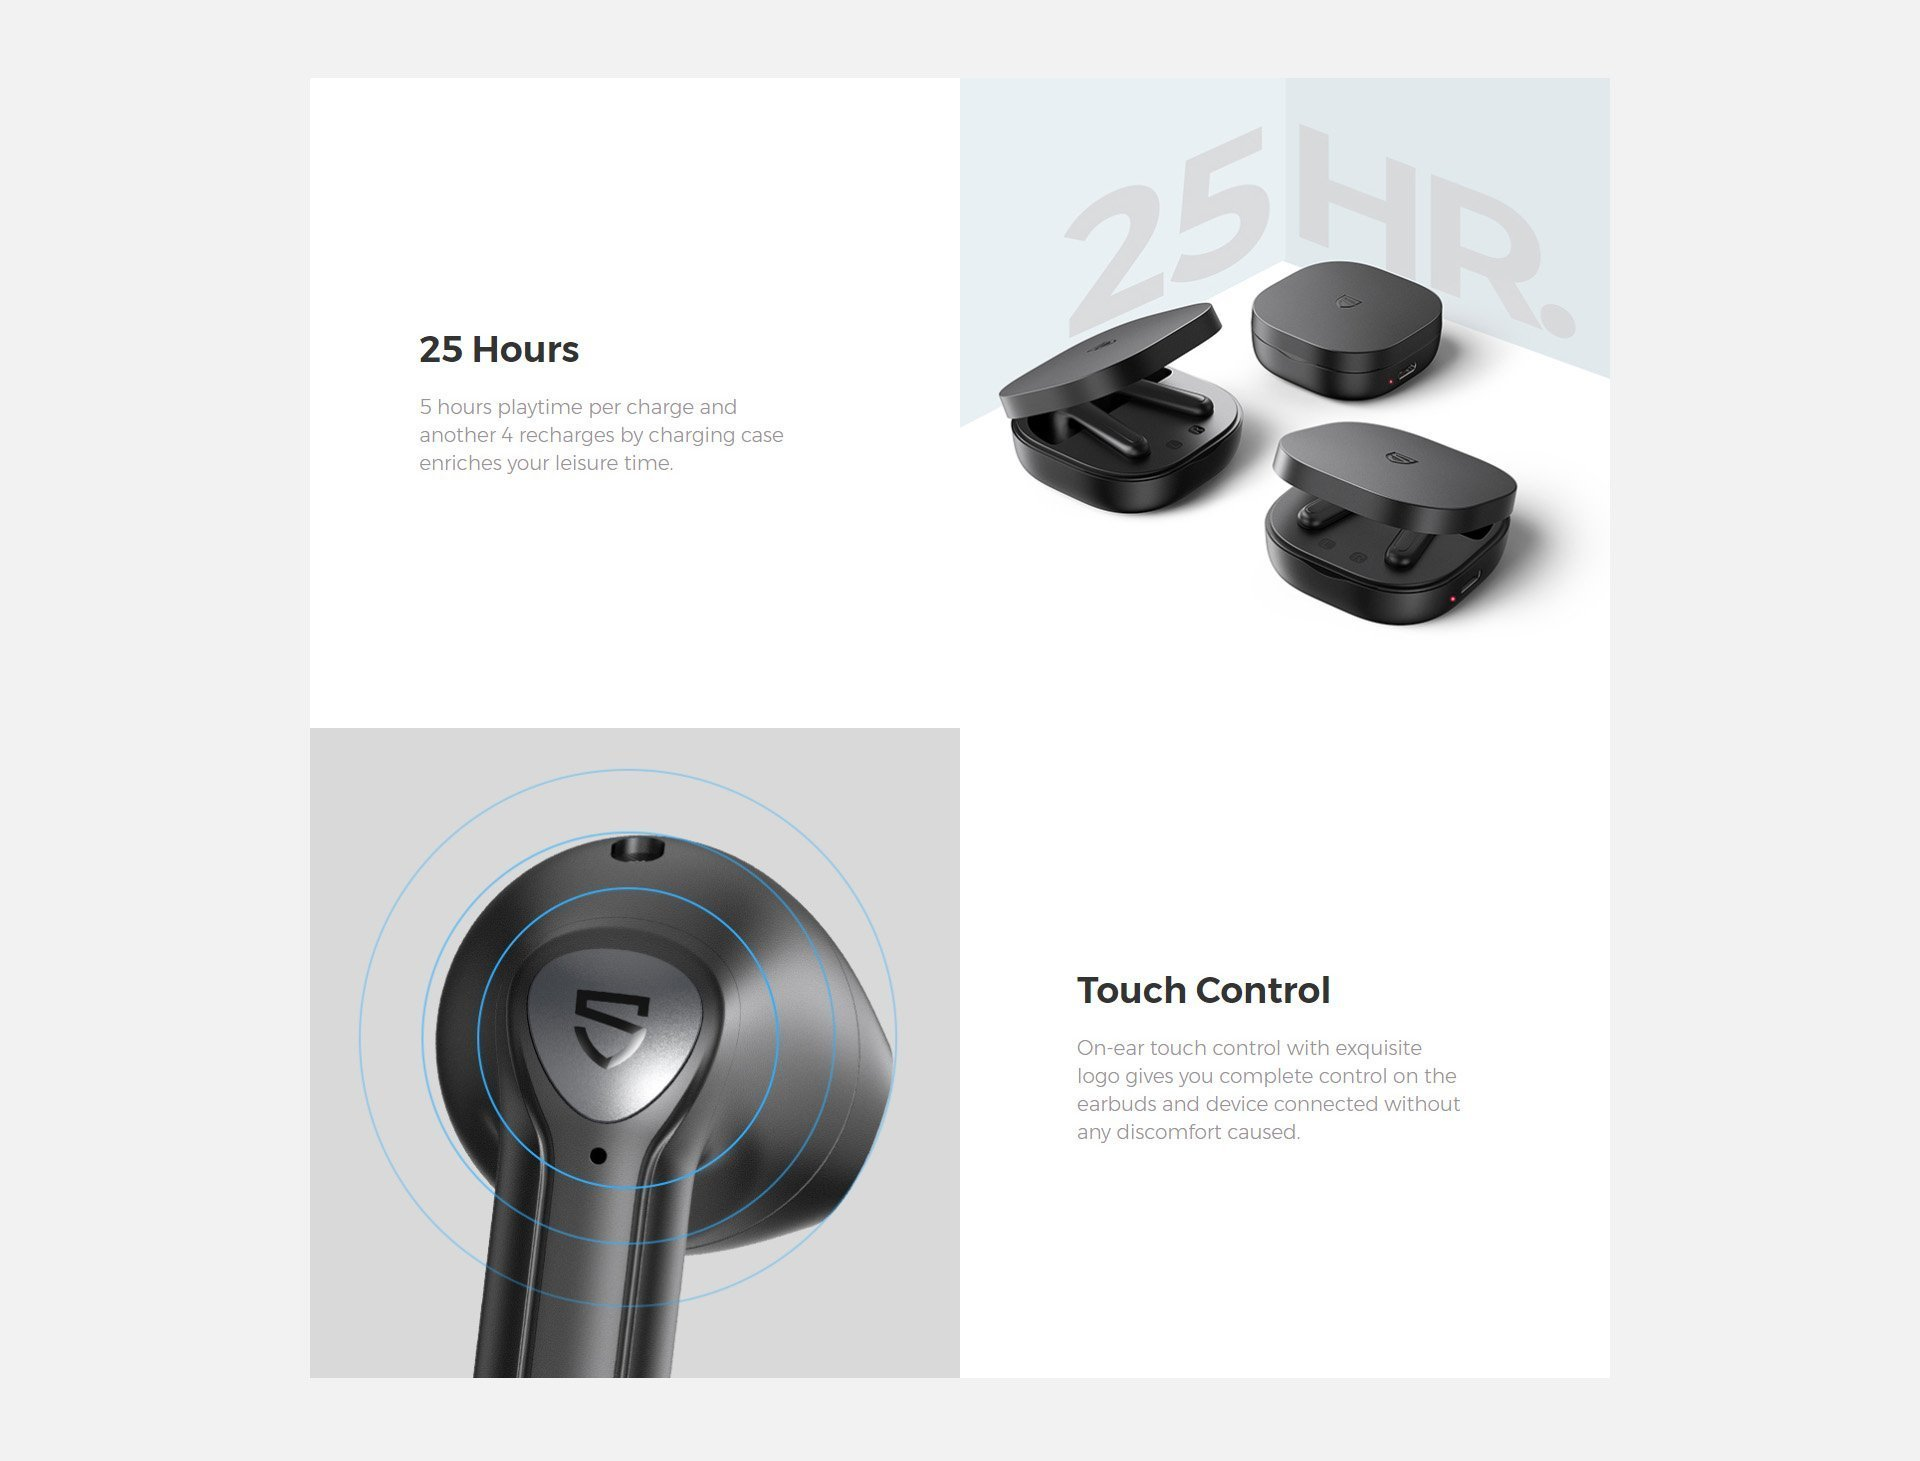 soundpeats trueair 2 earphones 3